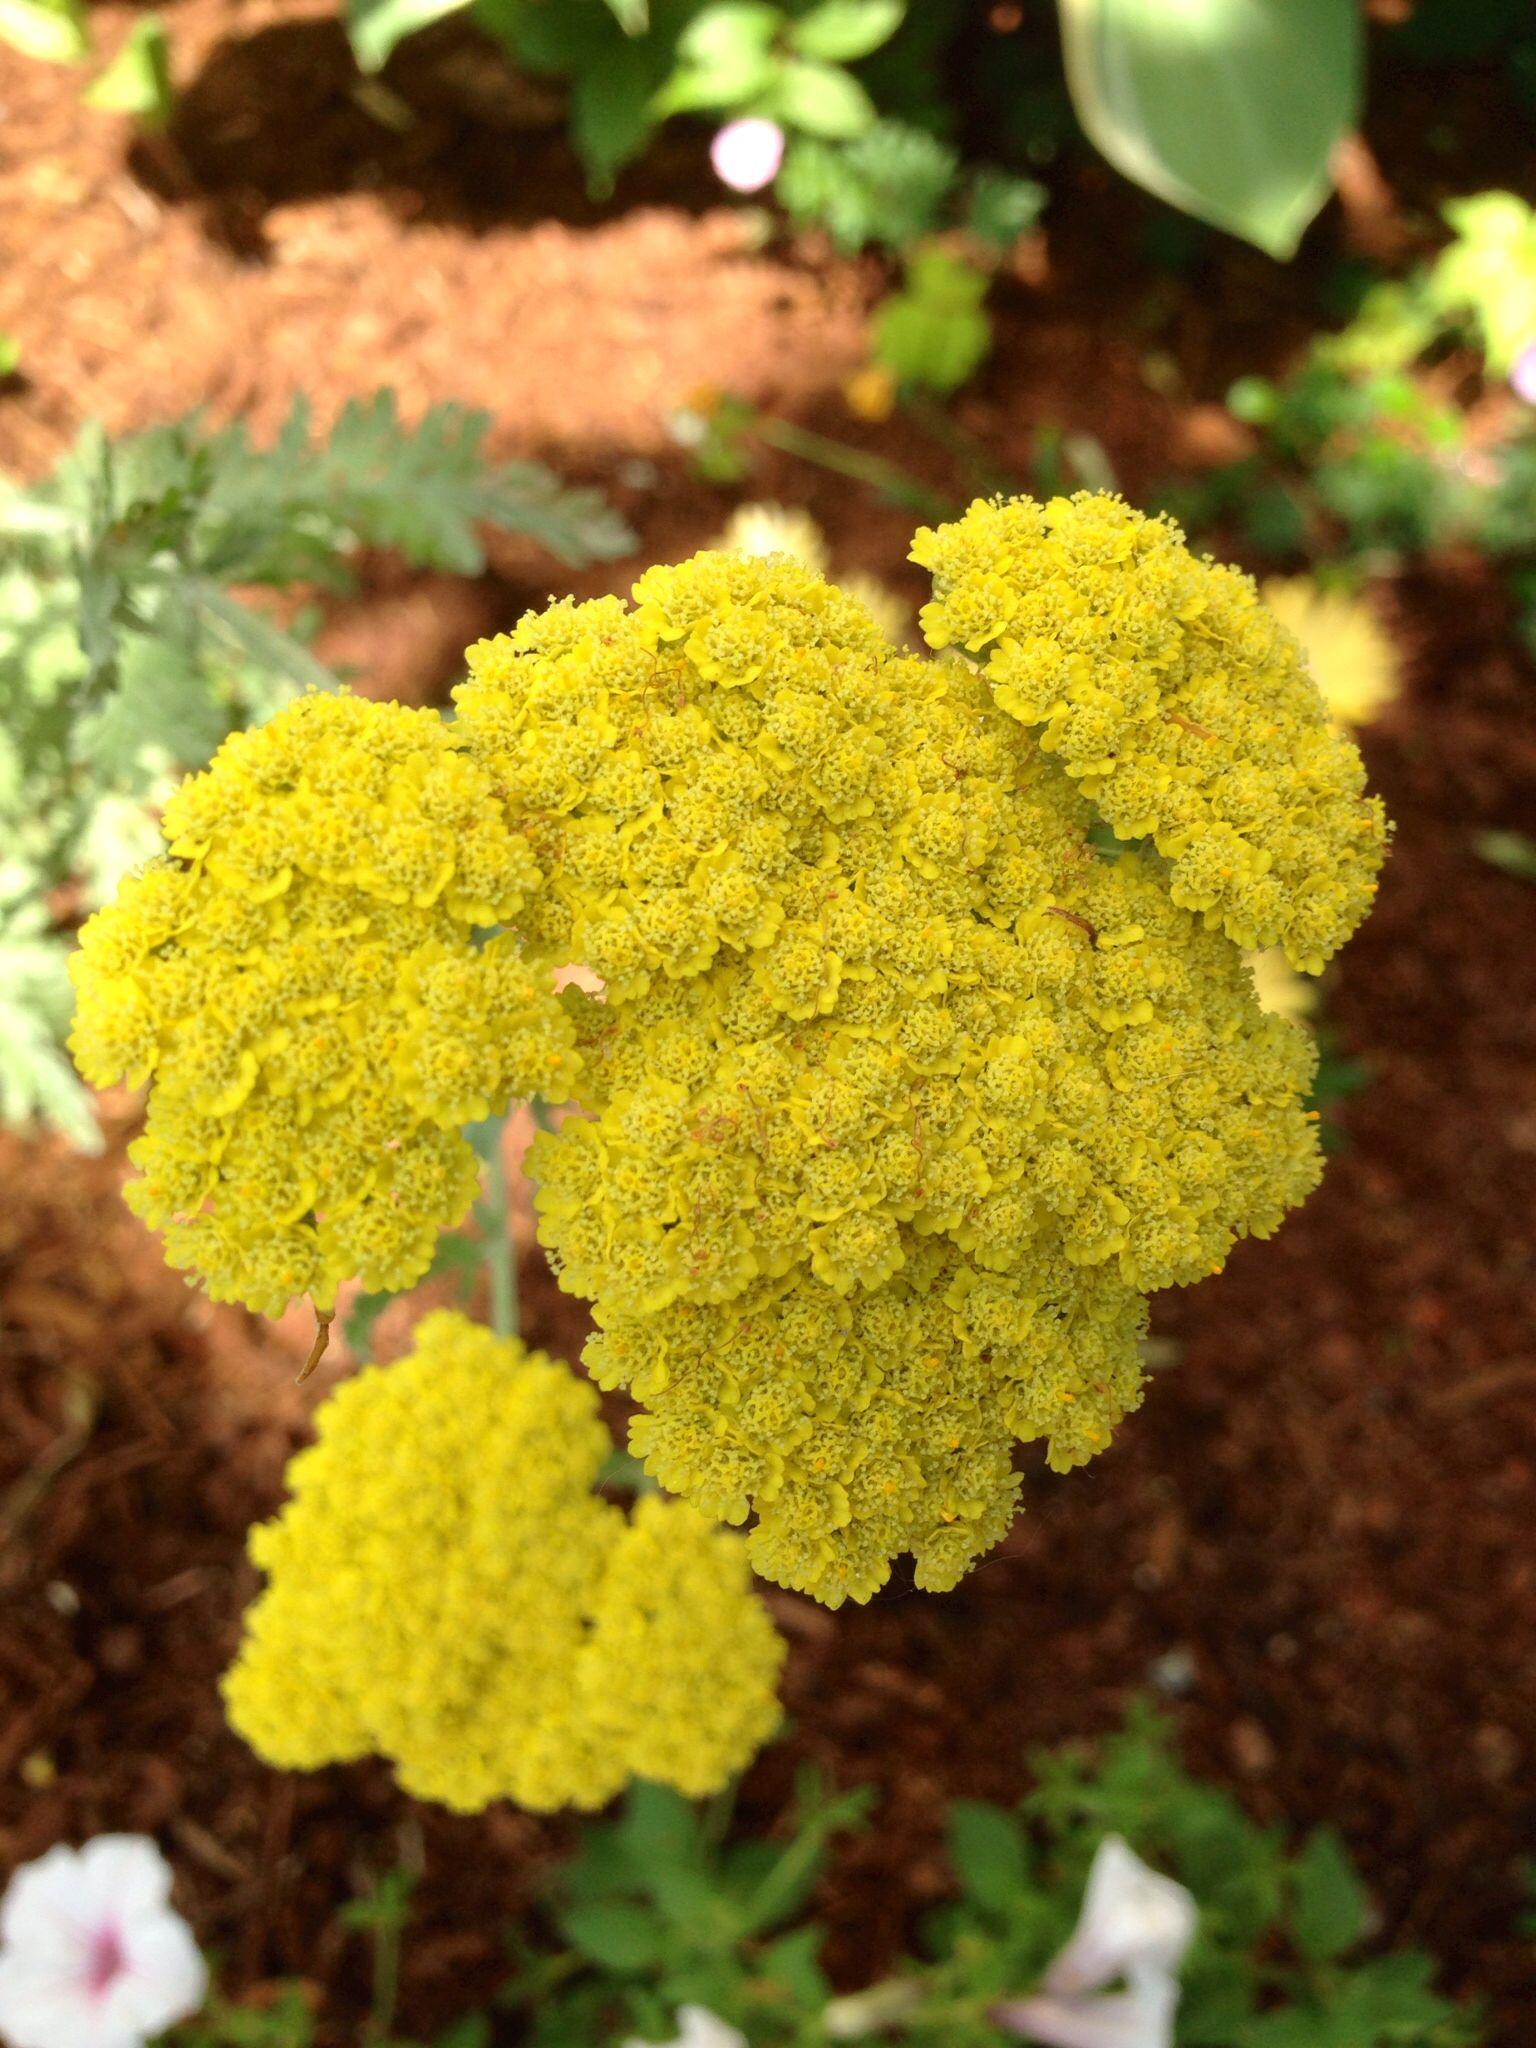 Pin on garden nature